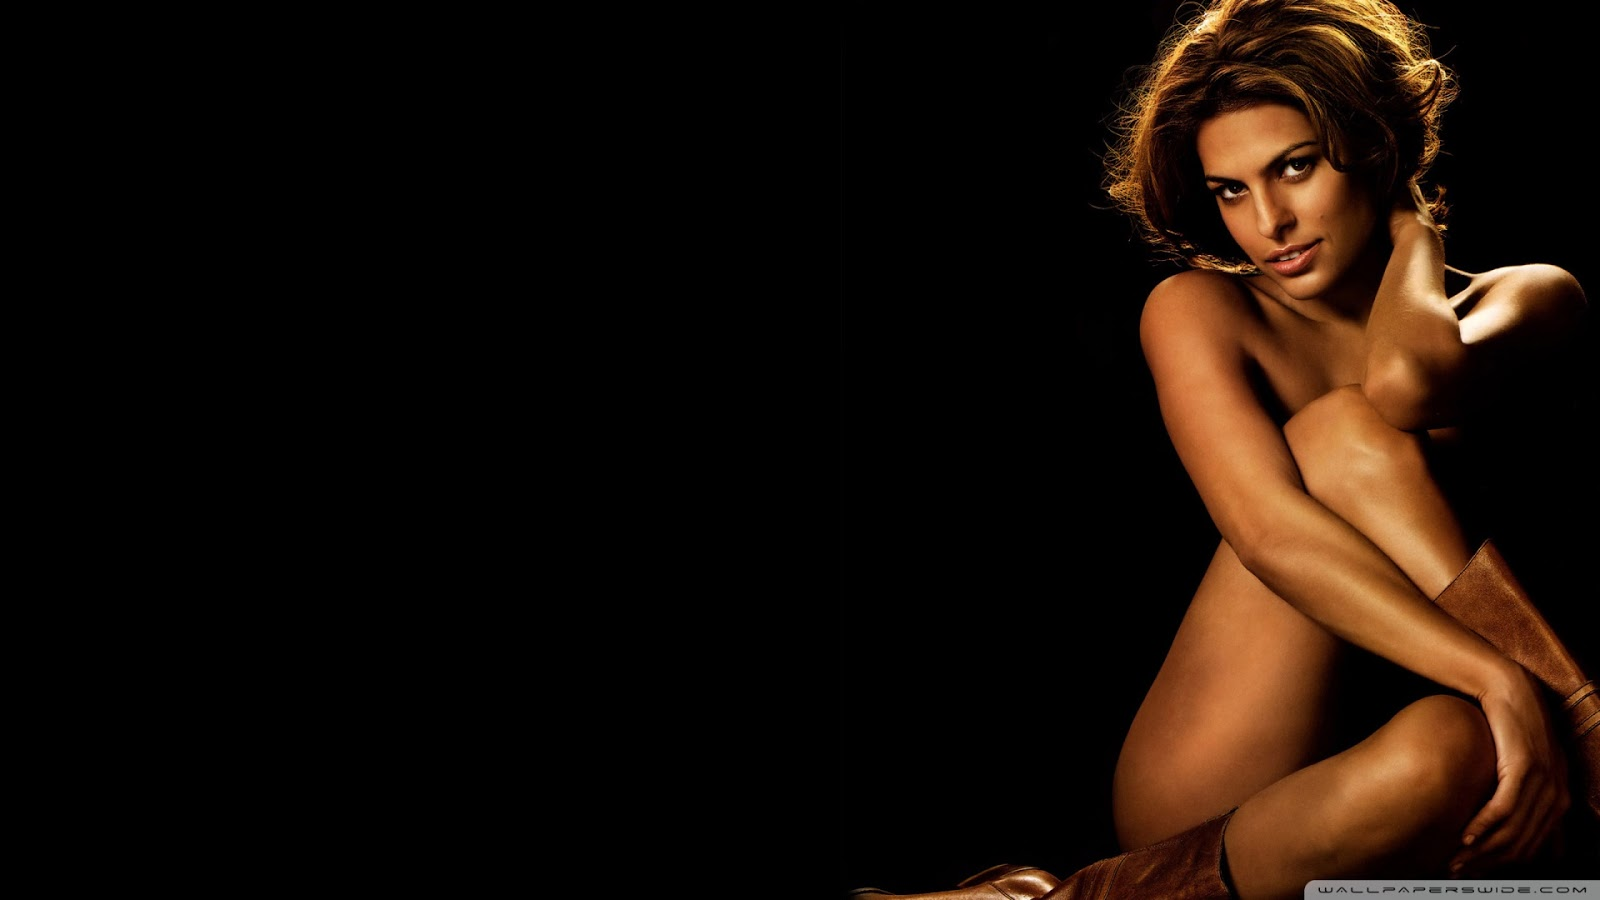 Boobs Eva Mendes Wallpaper Nude Gif